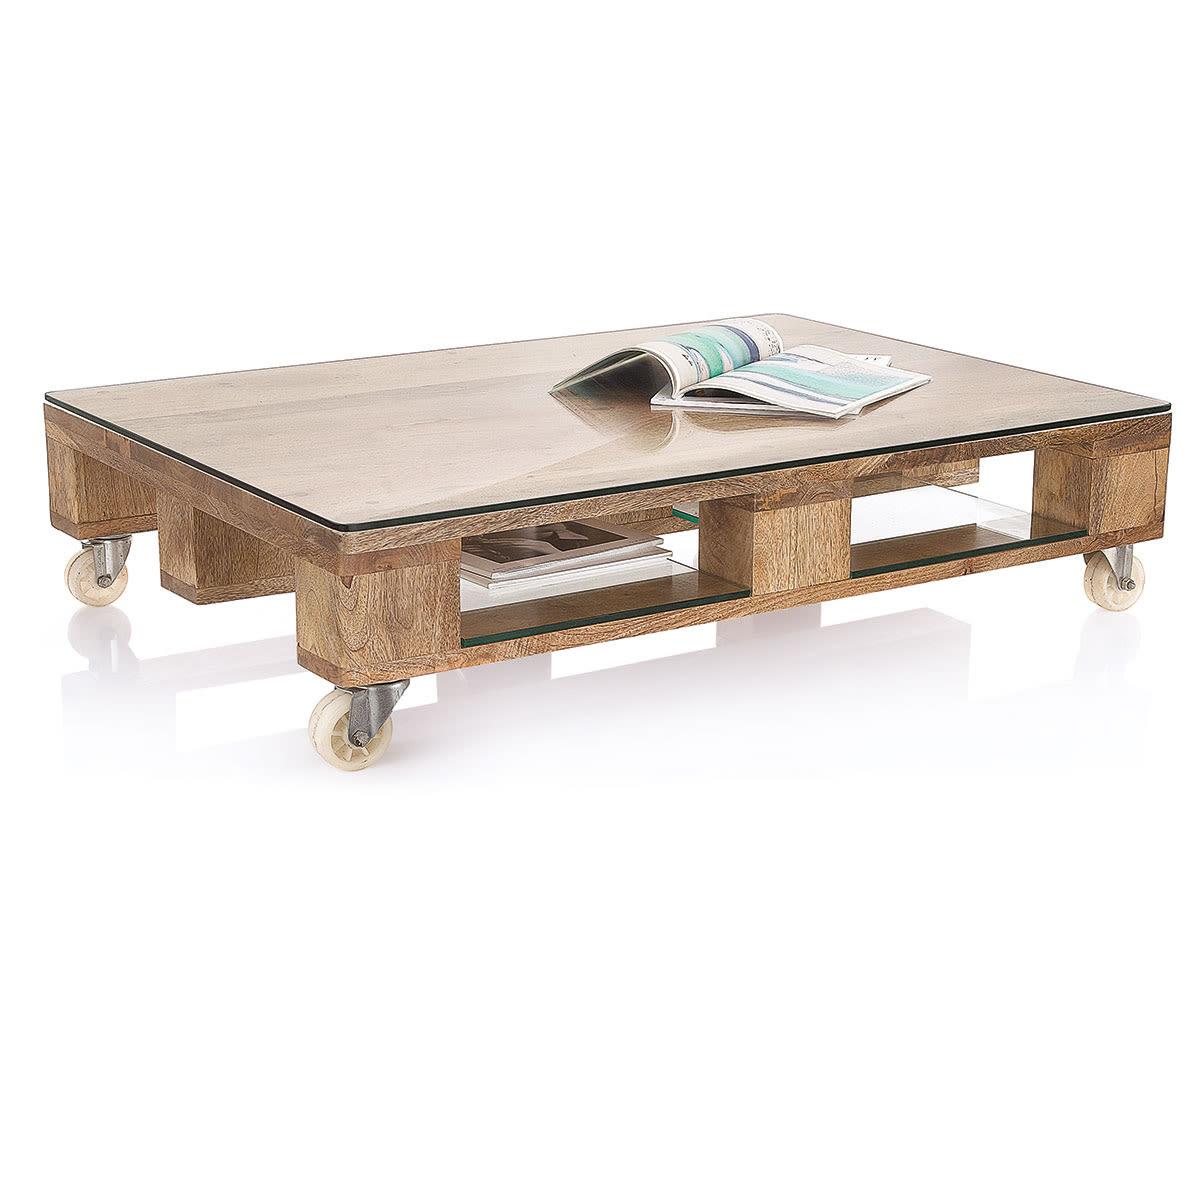 couchtisch impressionen bestseller shop f r m bel und einrichtungen. Black Bedroom Furniture Sets. Home Design Ideas